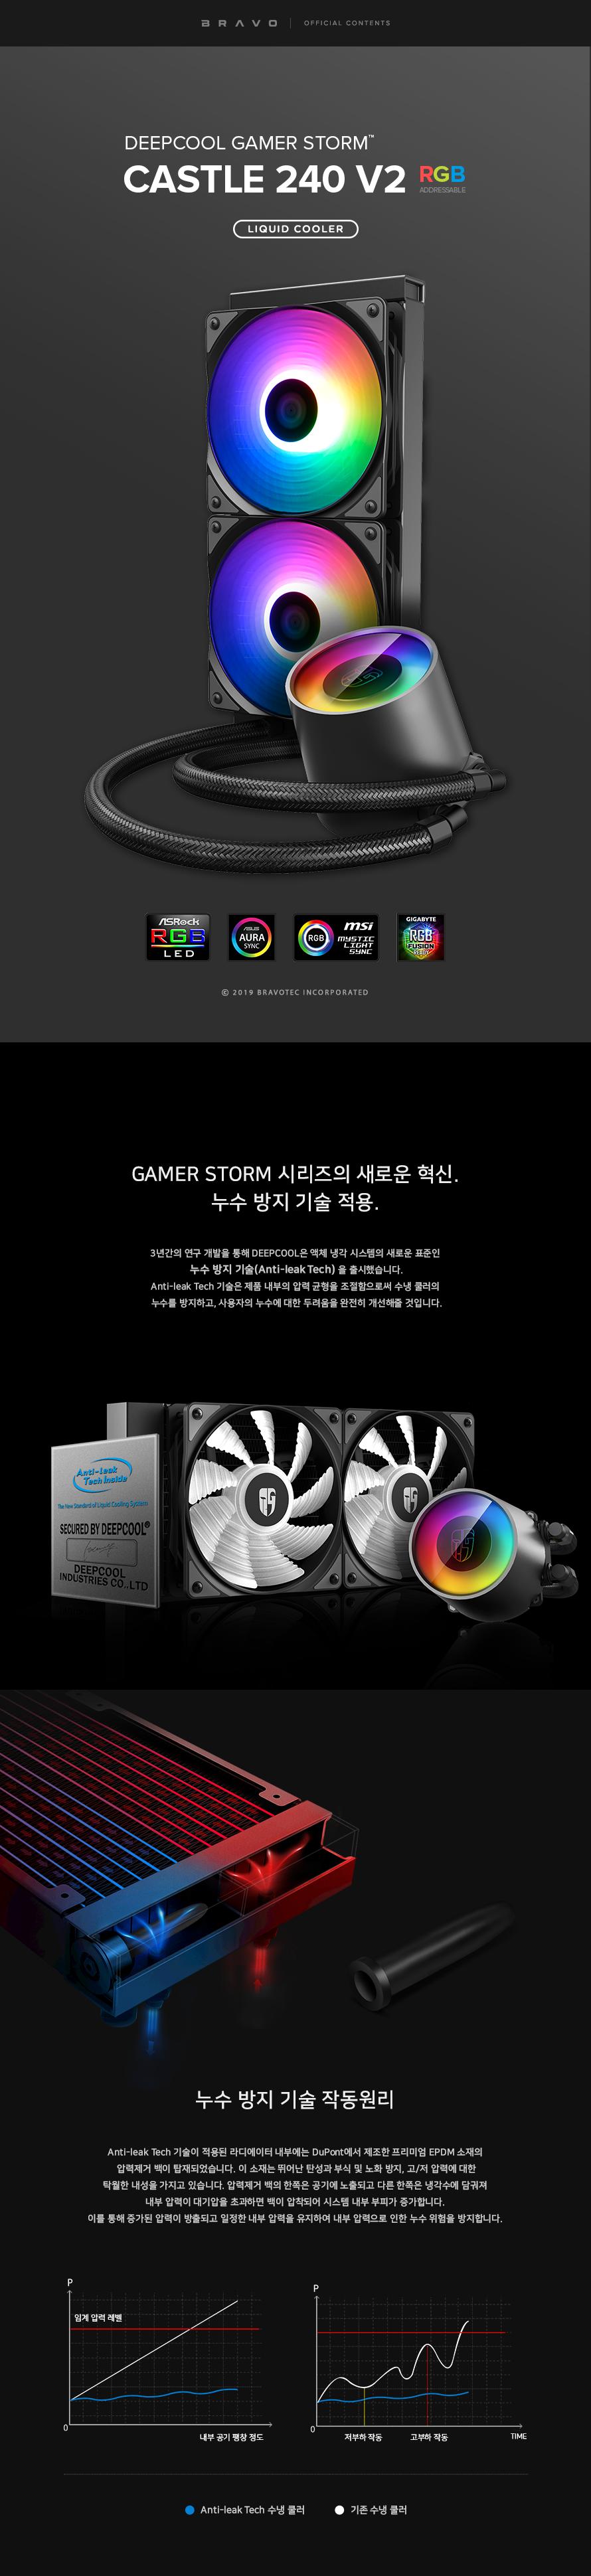 DEEPCOOL GAMER STORM CASTLE 240 RGB V2